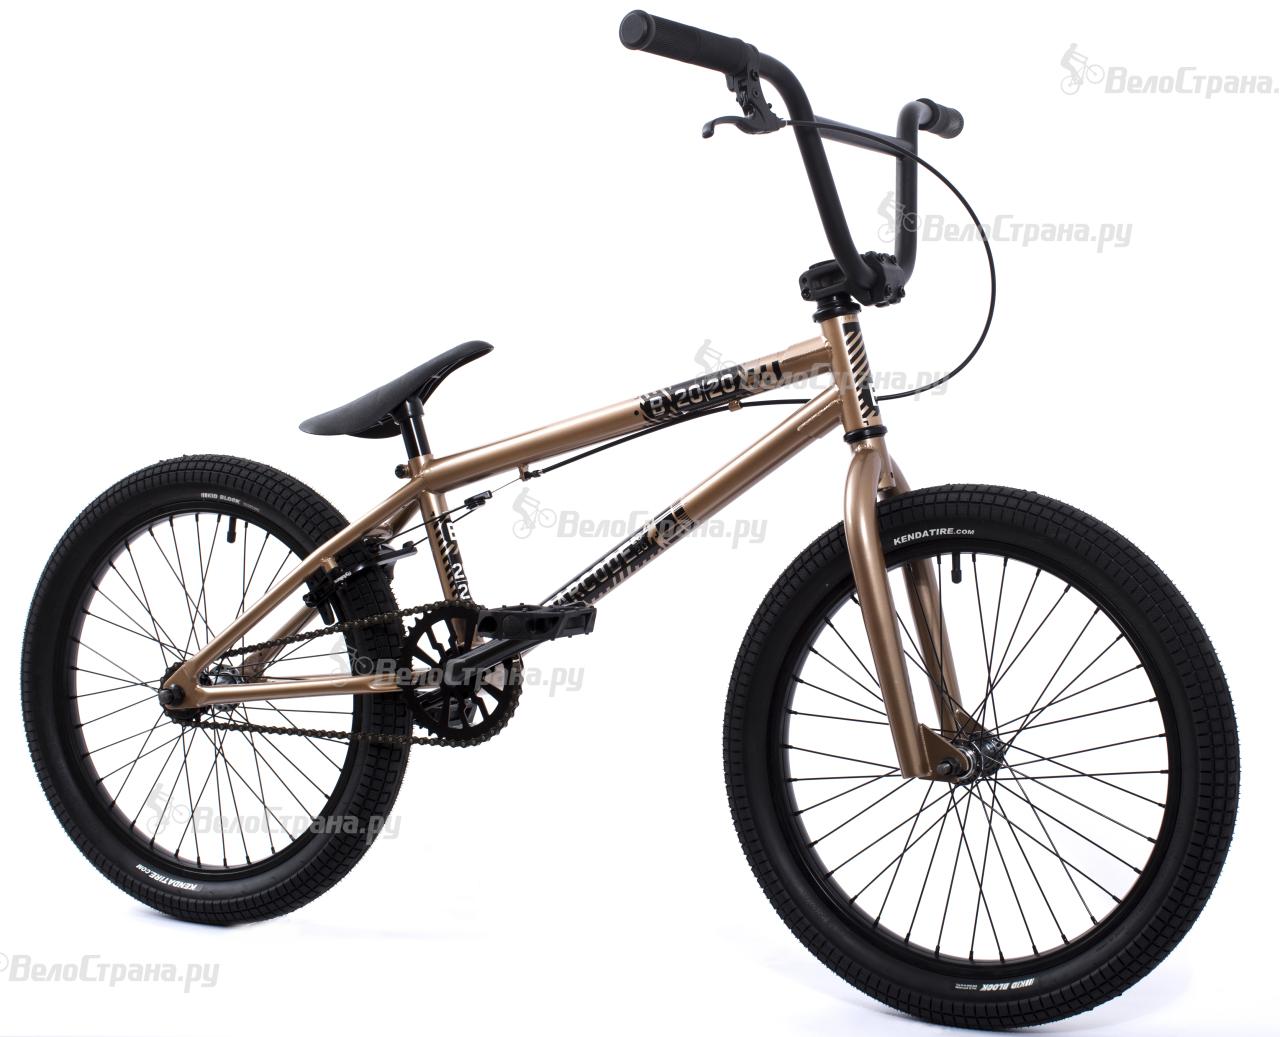 Велосипеды в интернетмагазине ВелоСтранару  купить